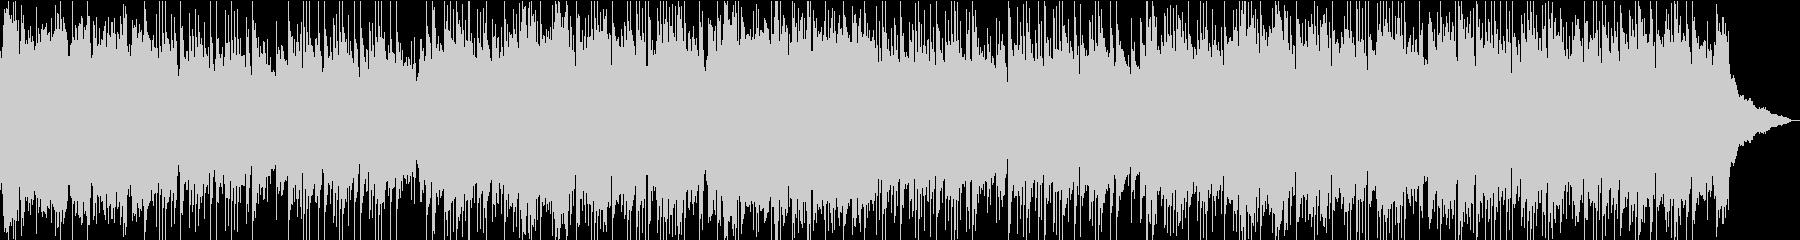 切ないメロディーのワルツの未再生の波形